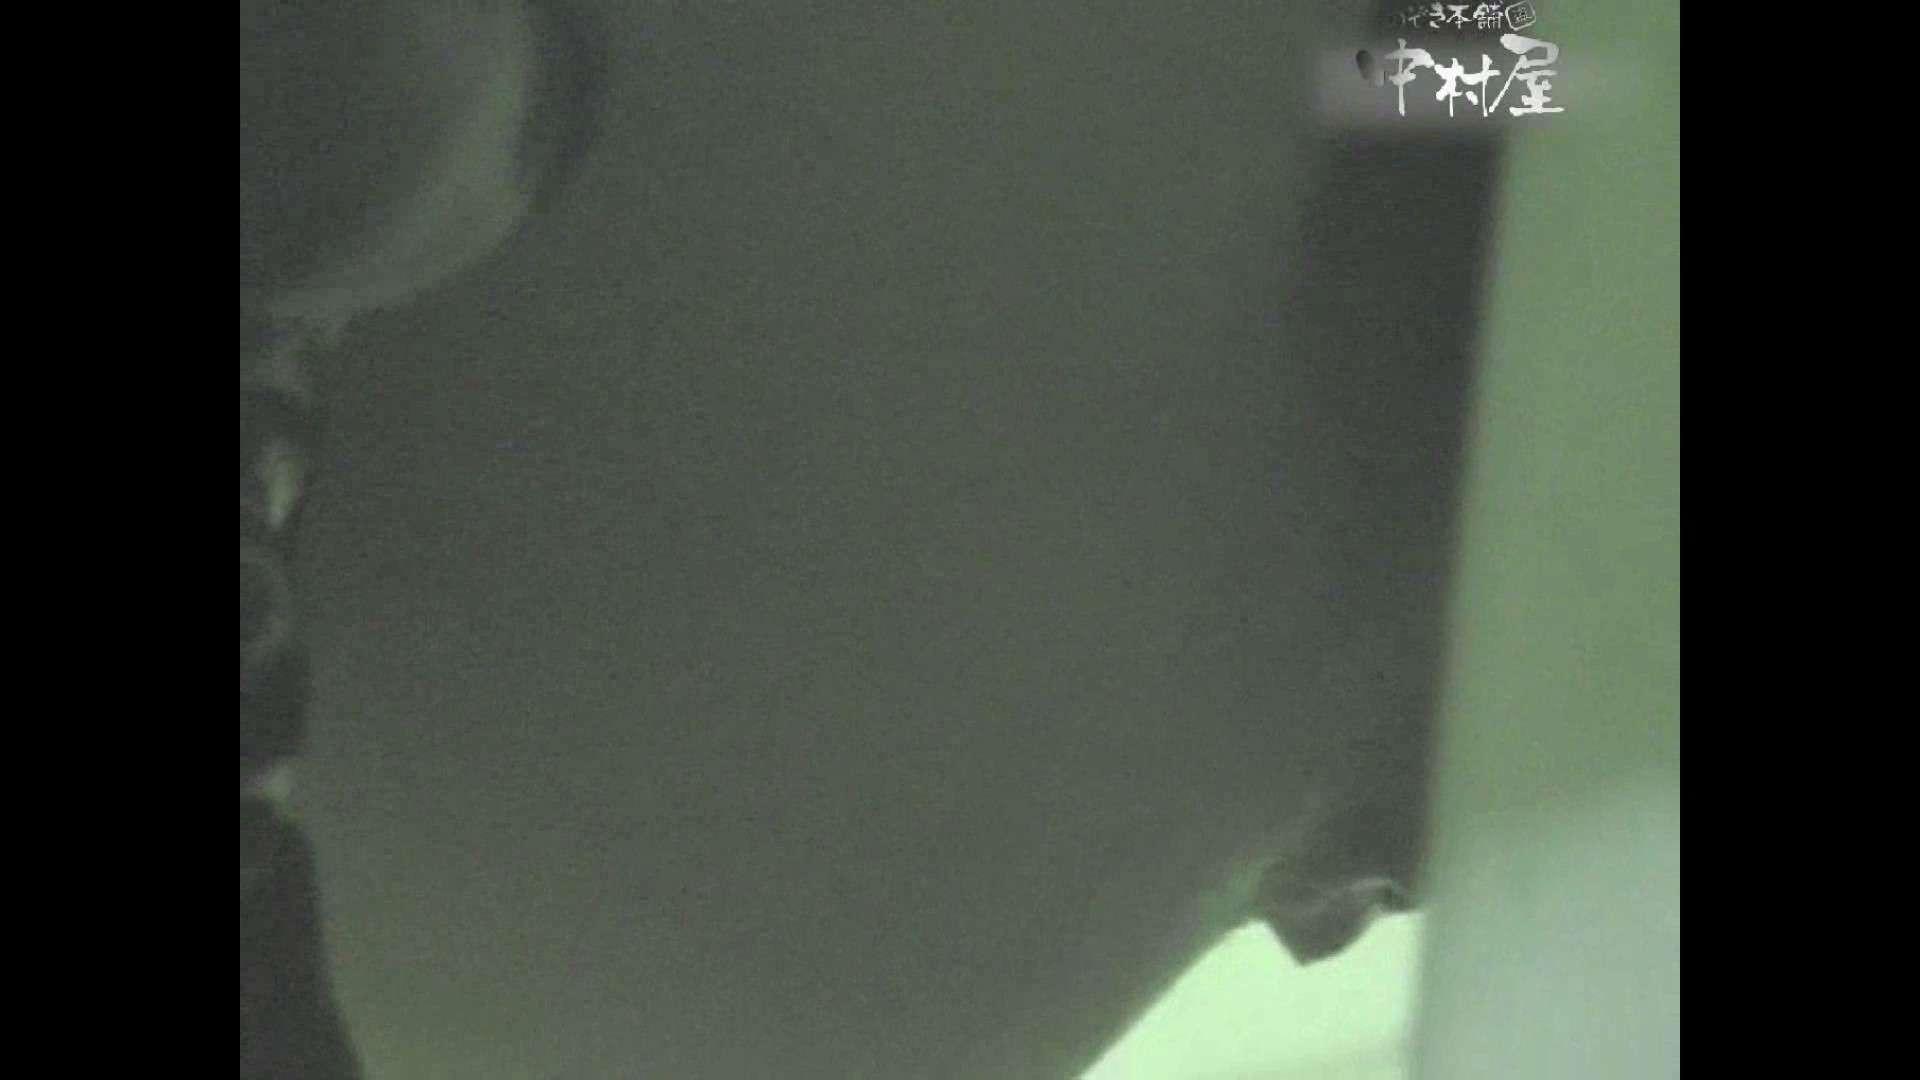 岩手県在住盗撮師盗撮記録vol.31 OLセックス 覗きぱこり動画紹介 79画像 7